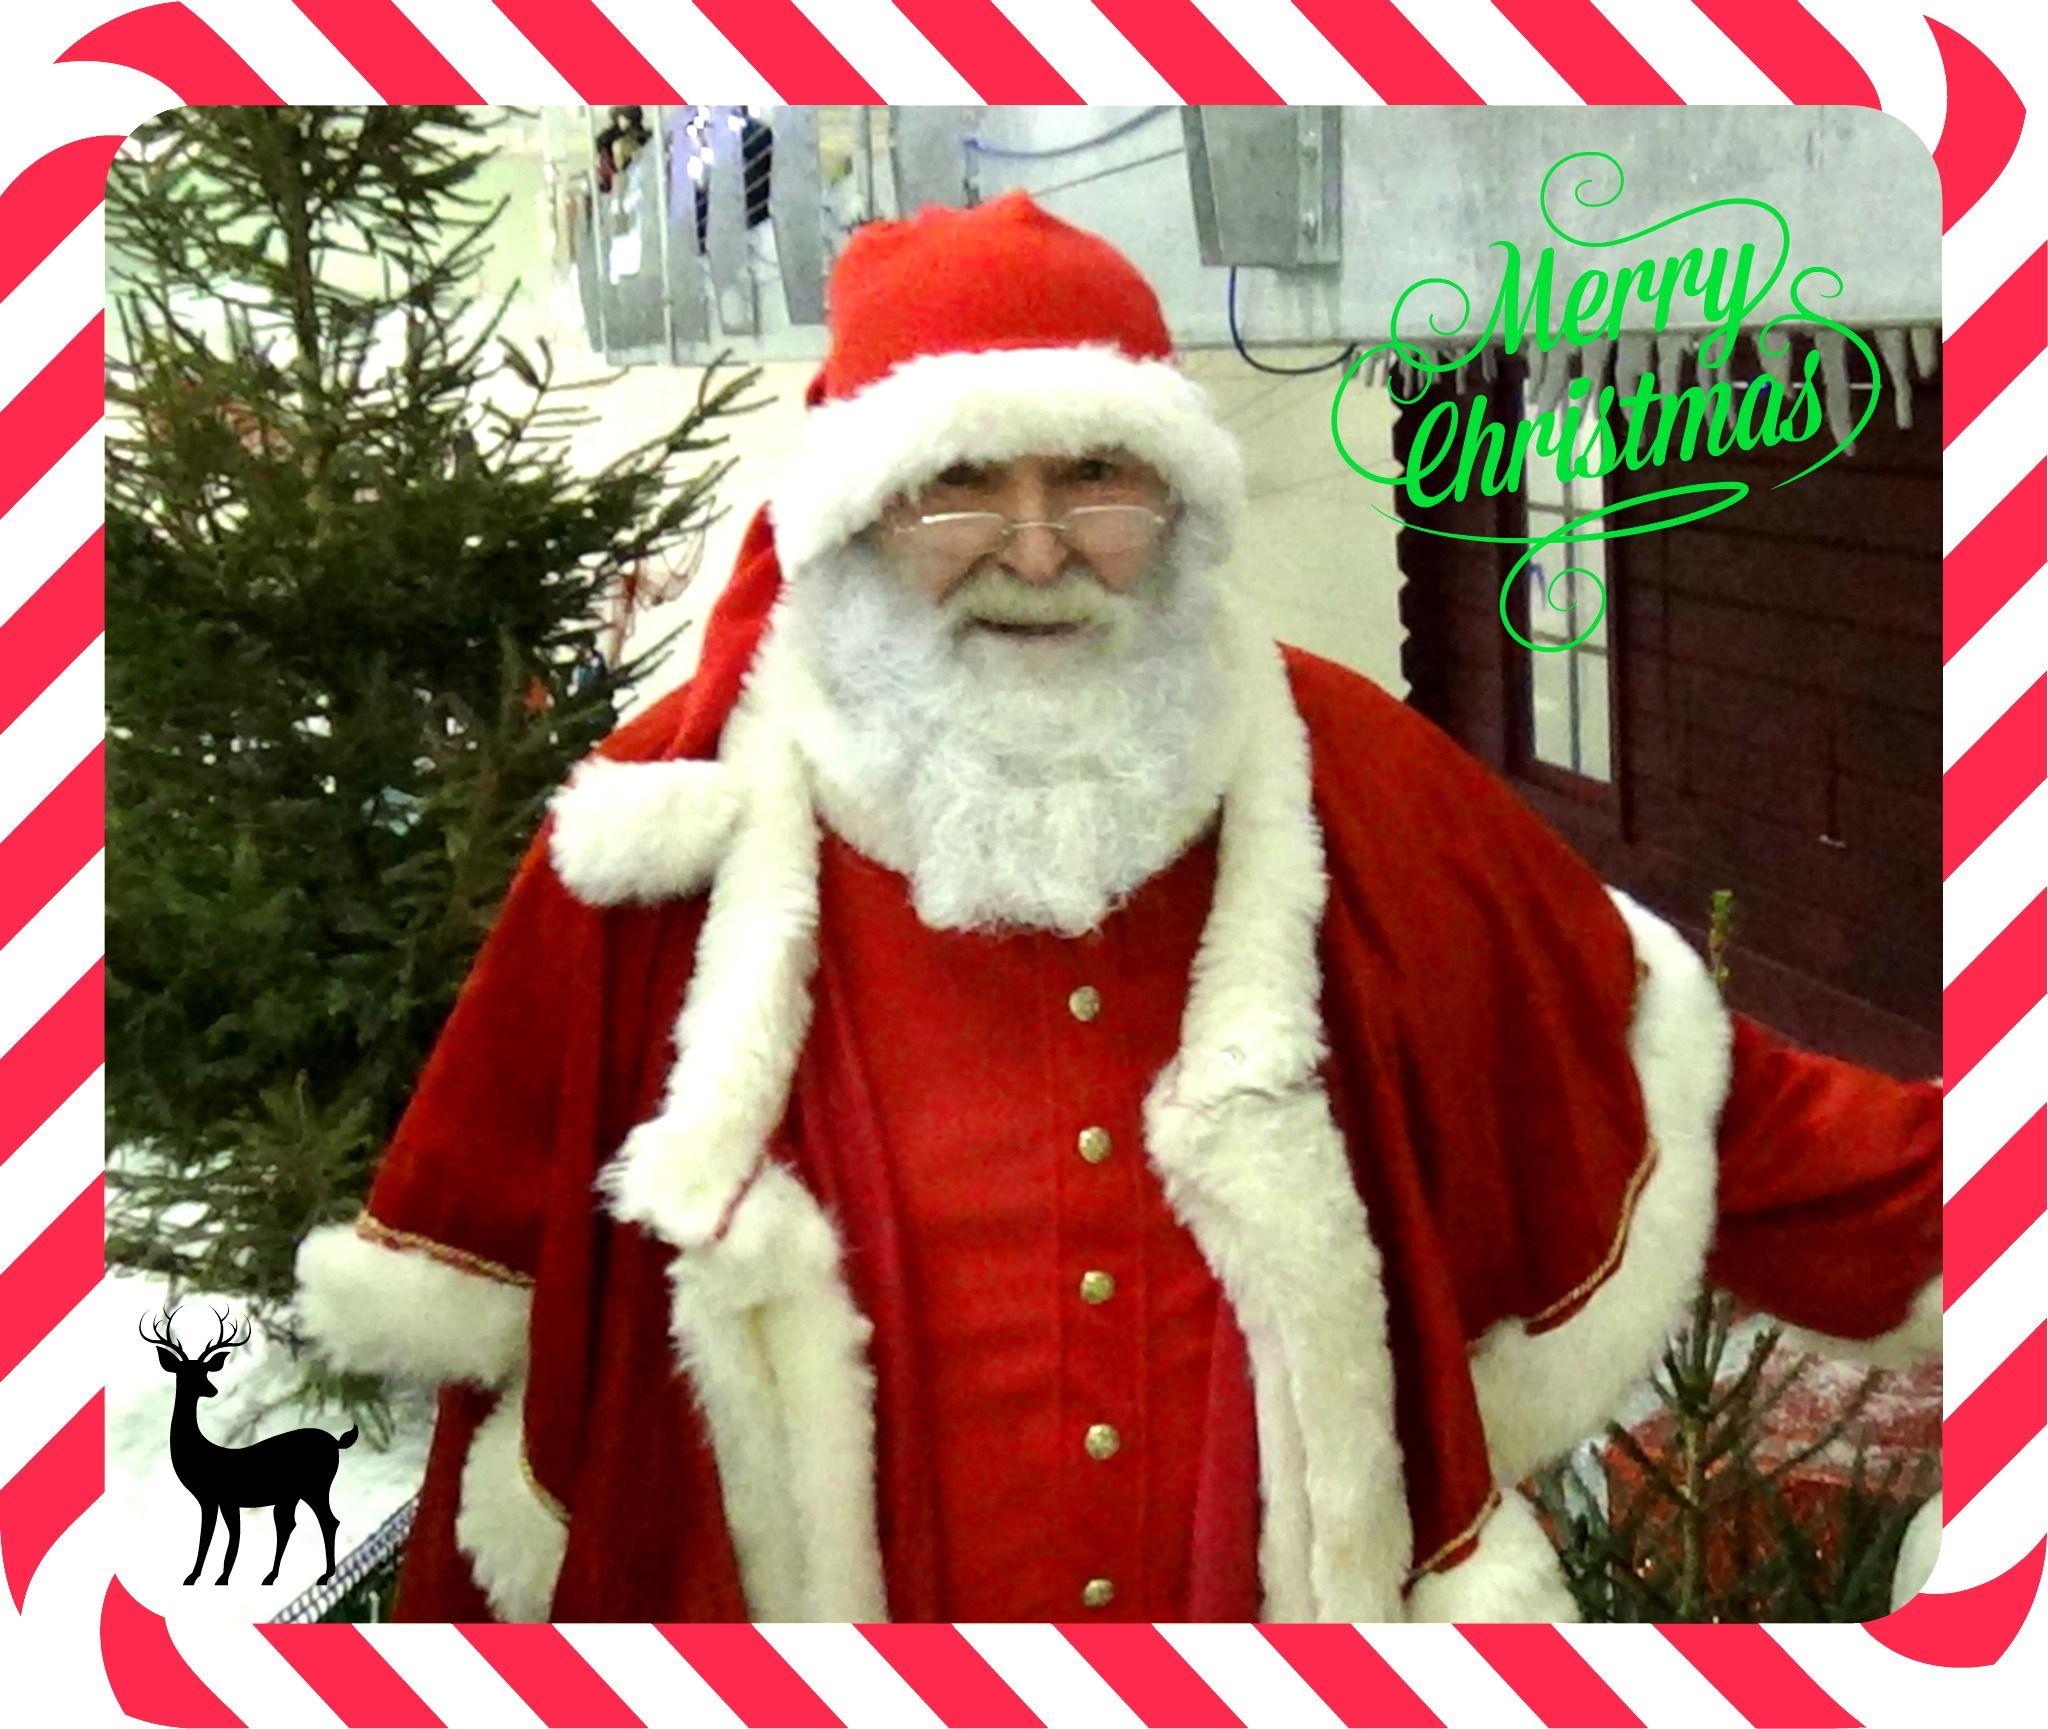 Santa!  #nofakebeards  #realsnow